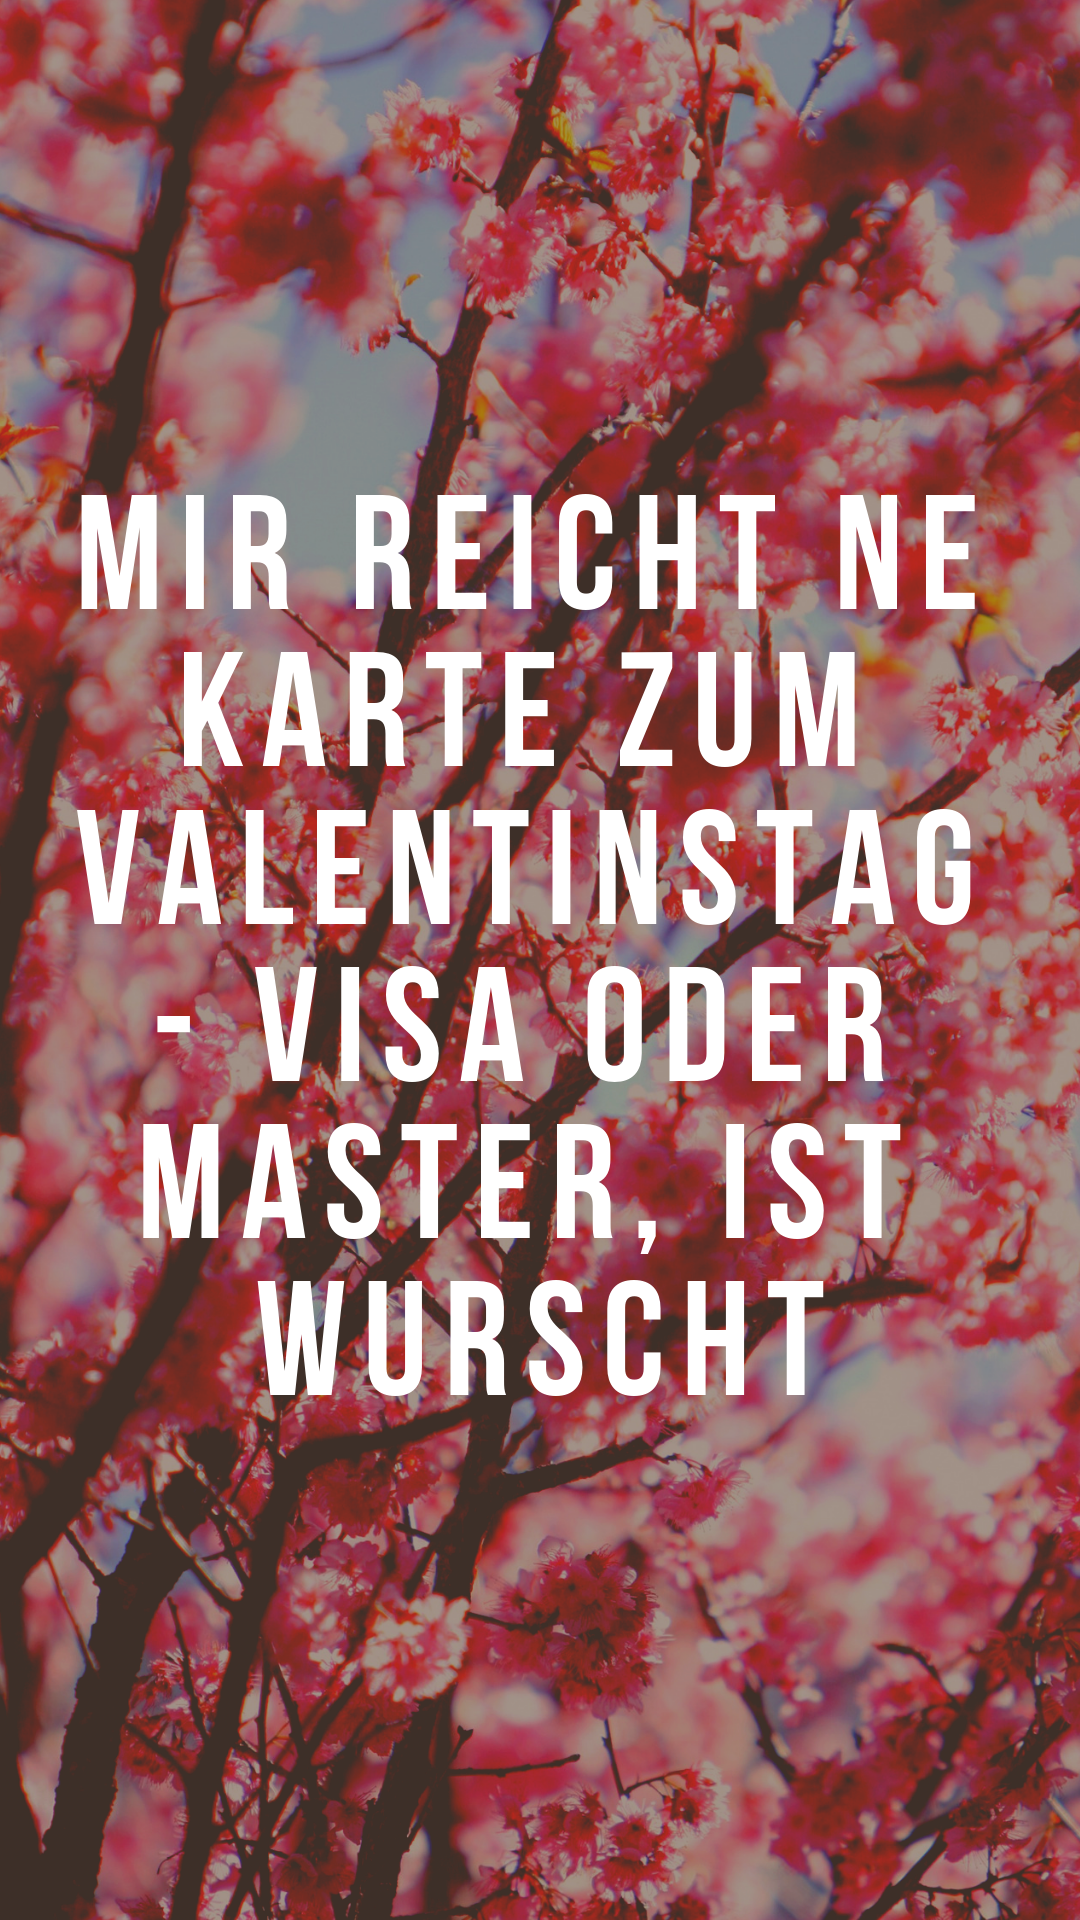 Hier findest du lustige Sprüche zum Valentinstag. Achtung Ironie und Sarkasmus inklusive - viel Spass beim Lesen.